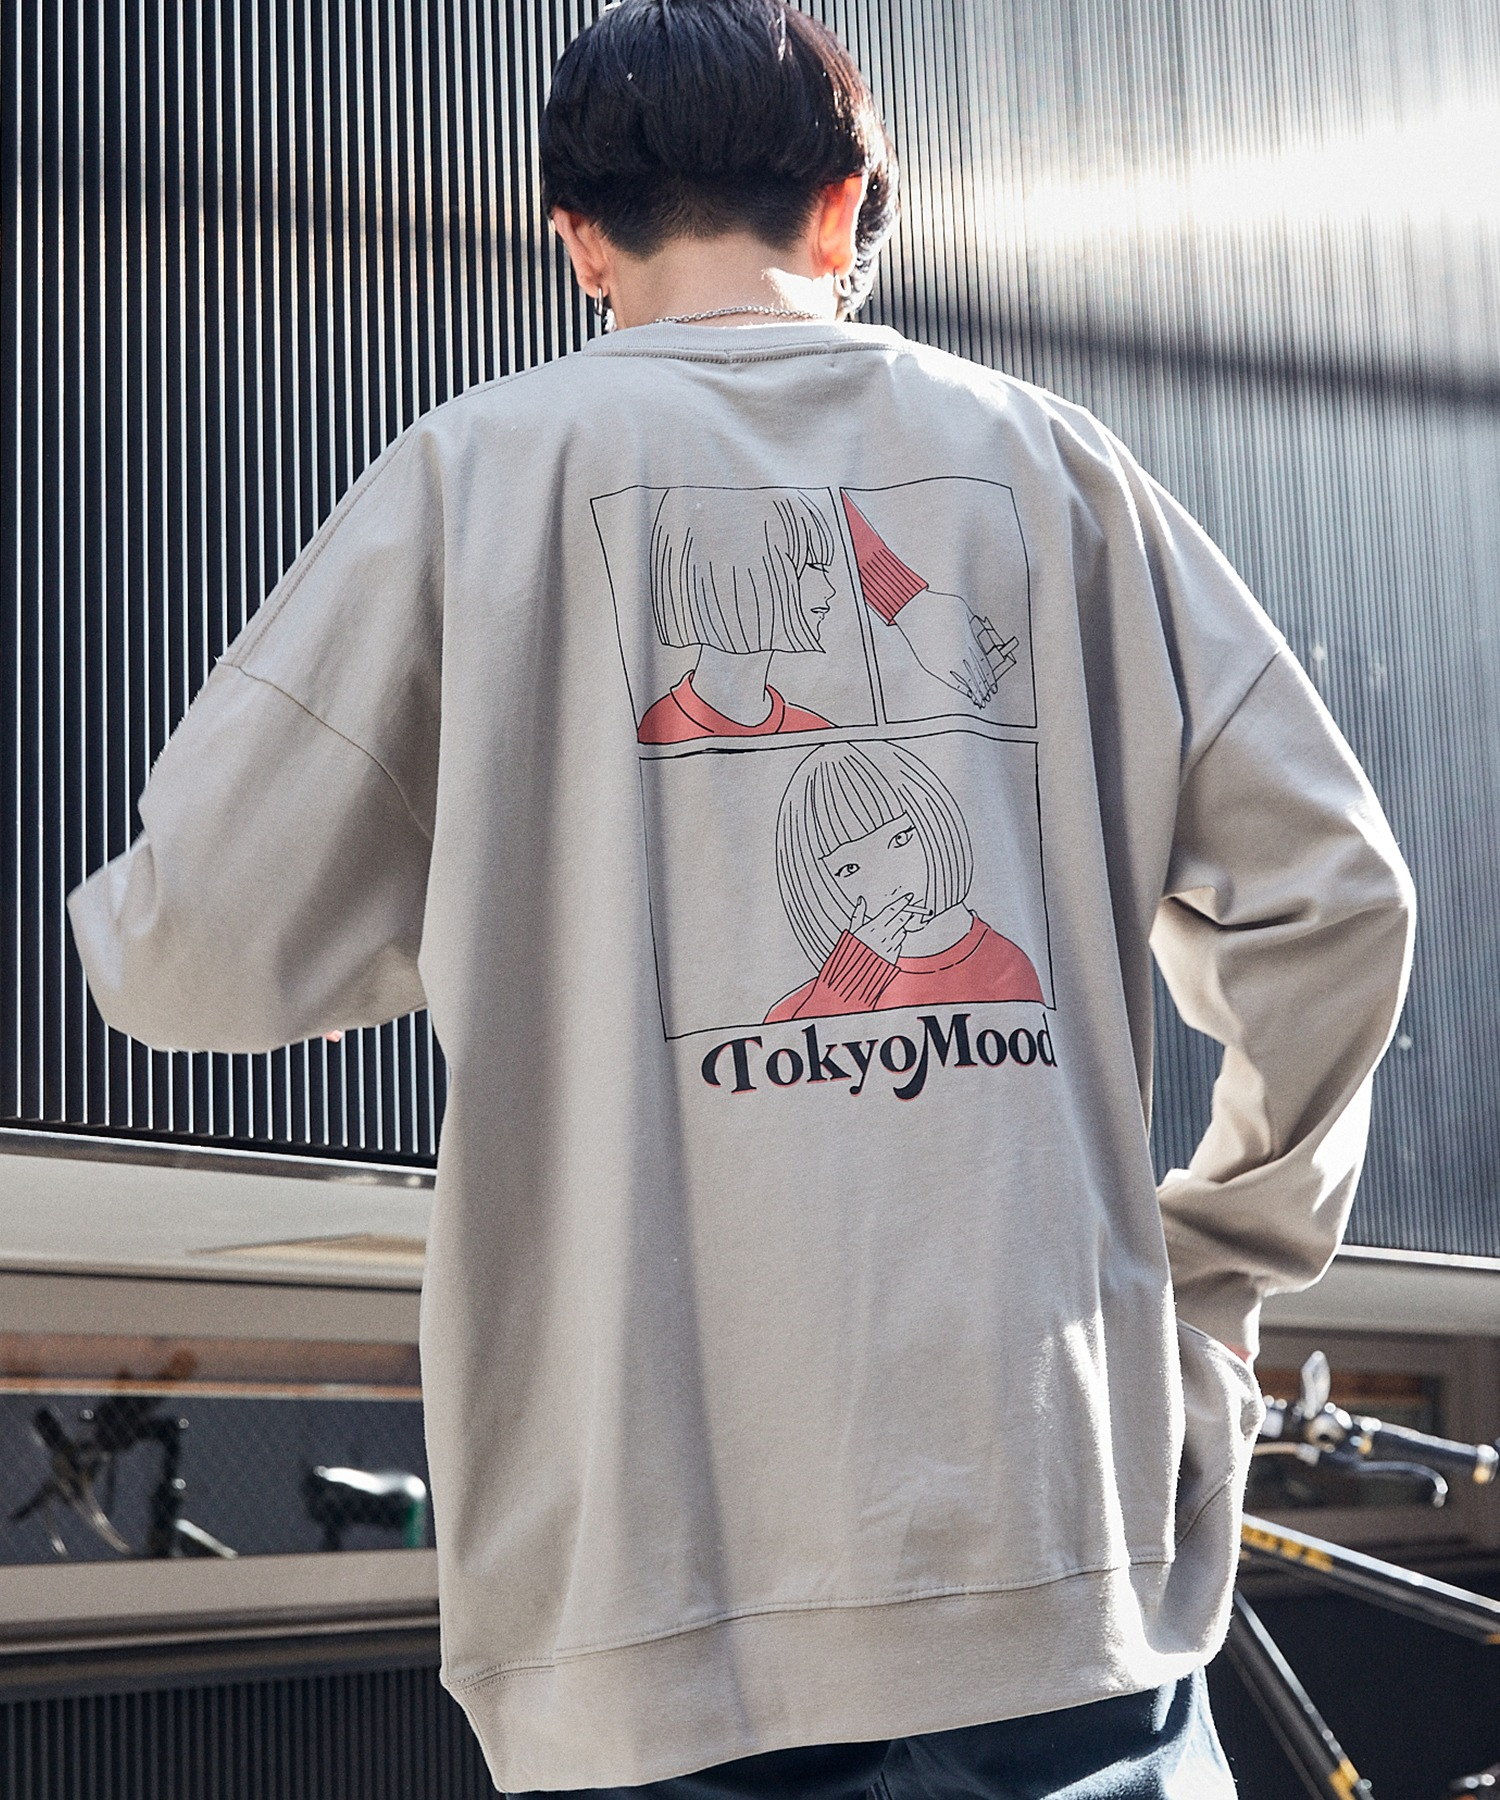 シルケットライク天竺 オーバーサイズイラストプリントL/Sカットソー/プリントロンT/Tokyo Mood/Best Friend Forever/I can always/Keep your Hairon/American Cocker Spaniel/French Bulldog